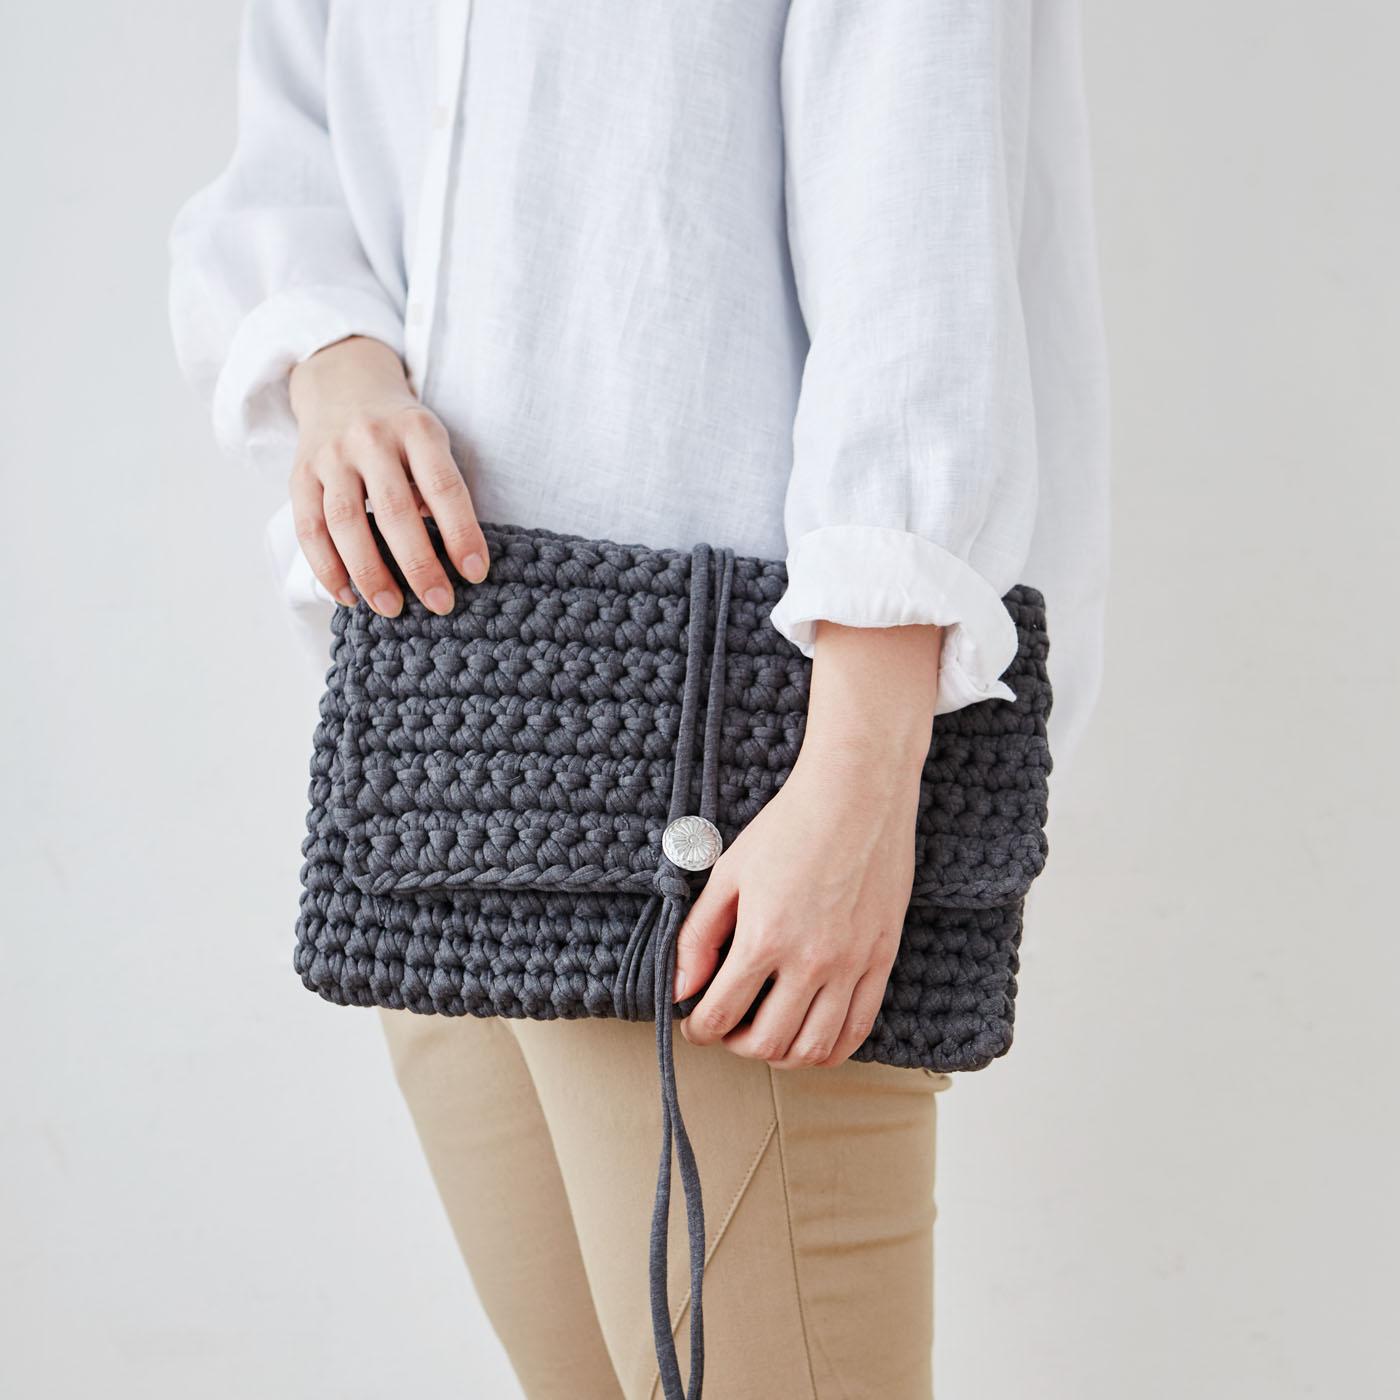 ボタンが付いたクラッチバッグタイプ。トートバッグよりもシンプルな編み方です。